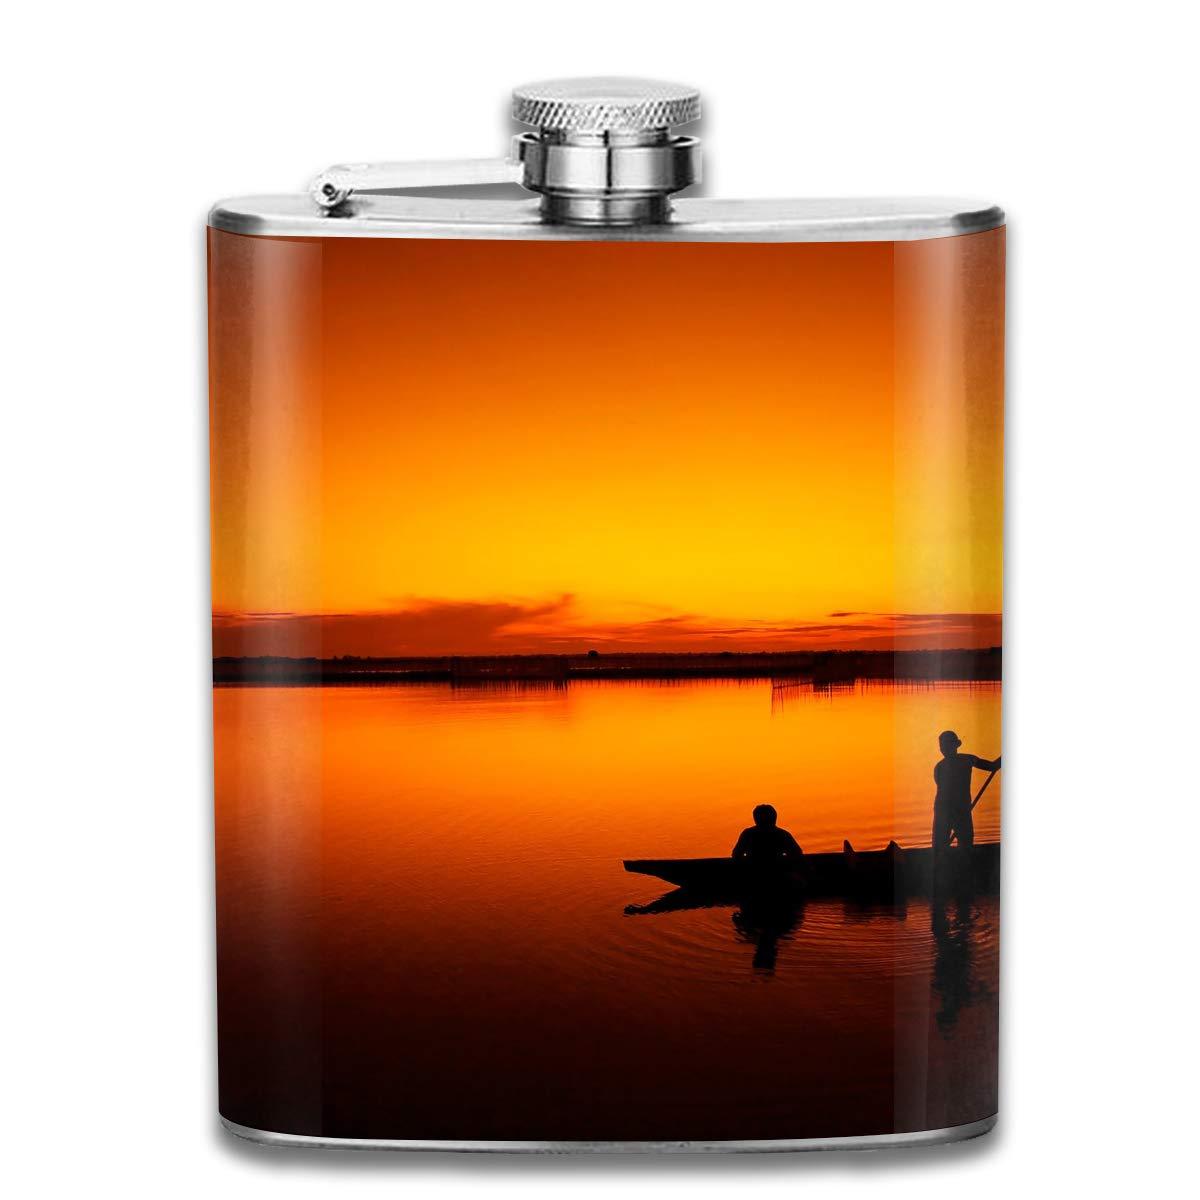 【ふるさと割】 Laki-co ブラック 日没釣りボート ヒップフラスコ 酒用 酒用 ステンレススチールボトル アルコール7オンス One Size ブラック B07L8SVJPR Flask-L1X-10891245 One Size グレー B07L8SVJPR, インテリアポピー:d064d2c8 --- a0267596.xsph.ru